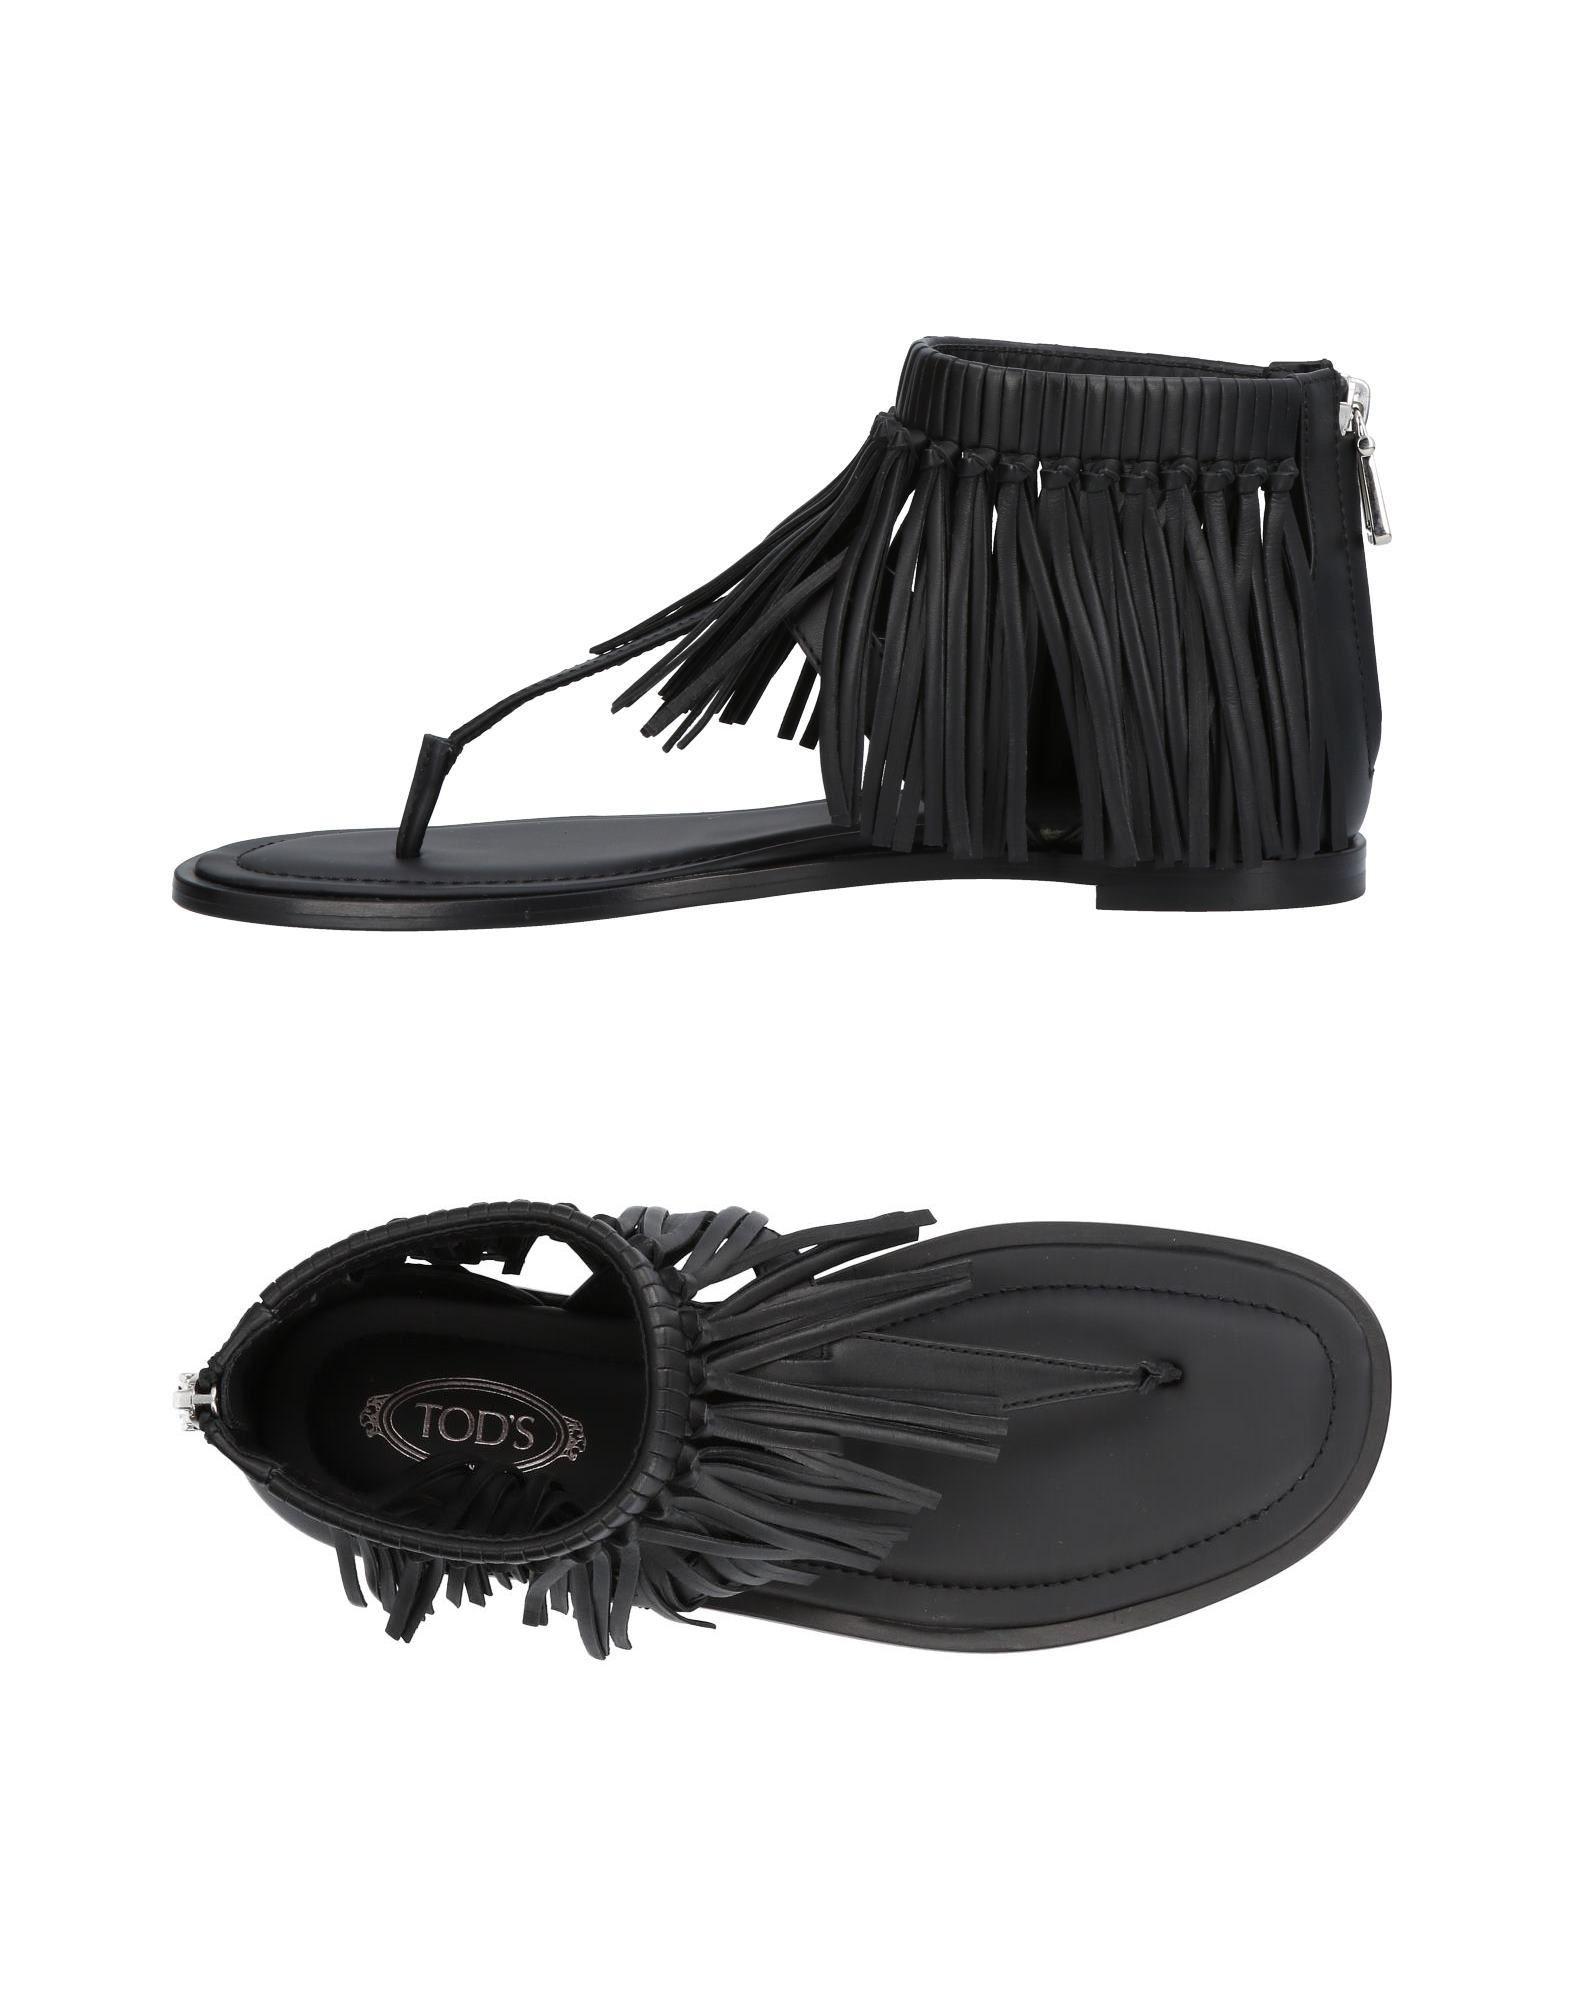 Tod's Dianetten Damen  11421682GNGut aussehende strapazierfähige Schuhe